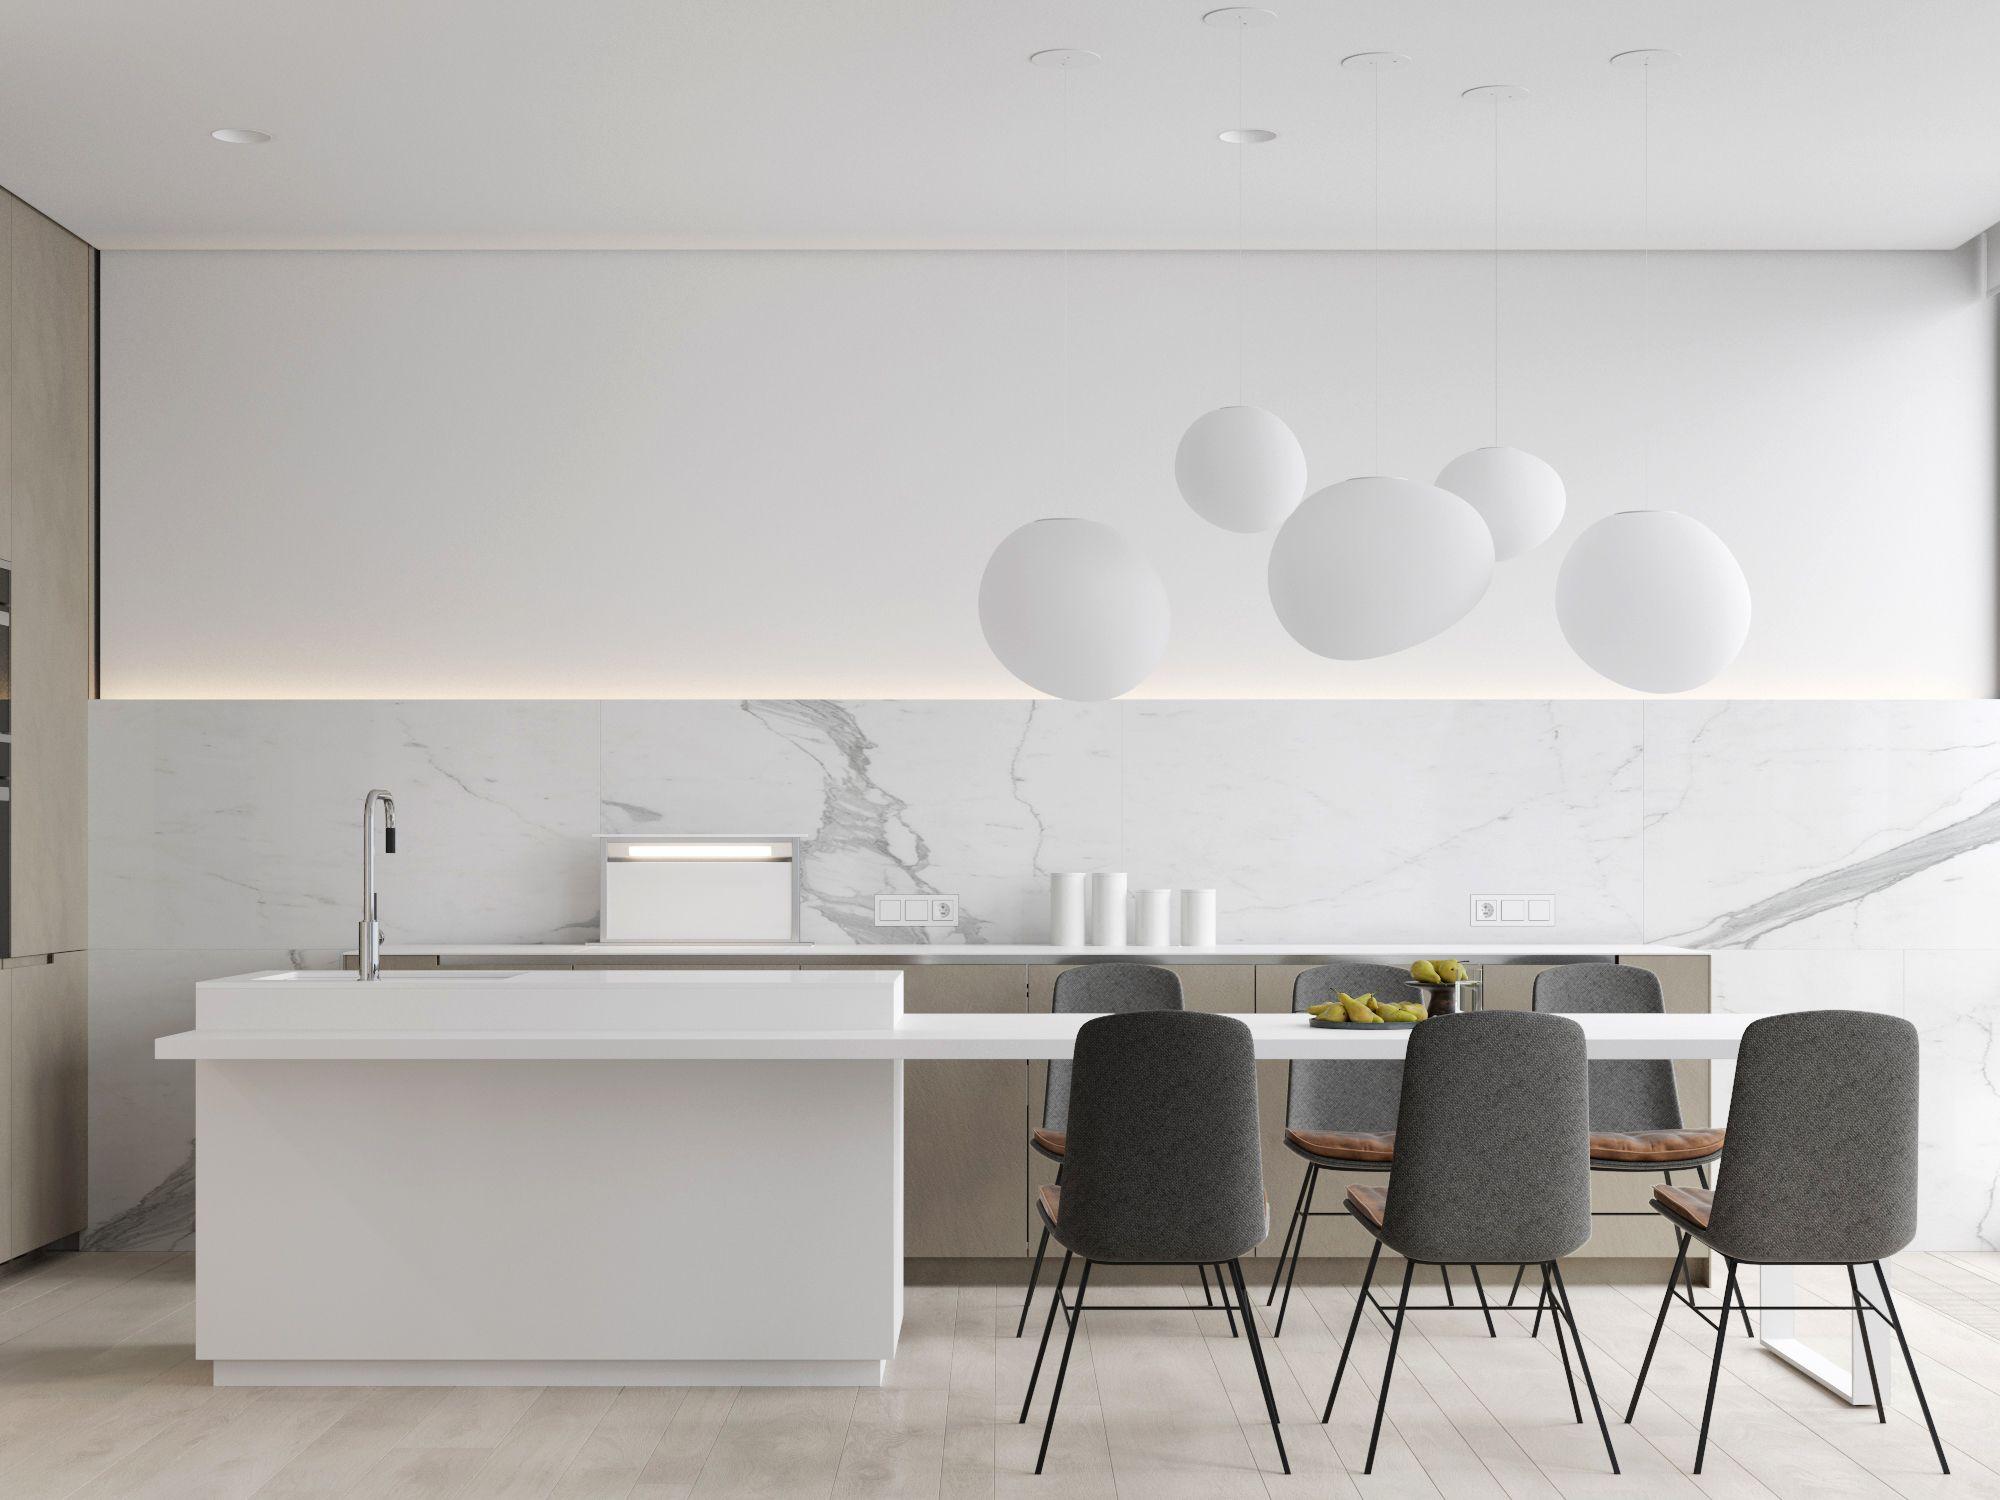 готово view airbnb minimalistisch interieur keuken interieur